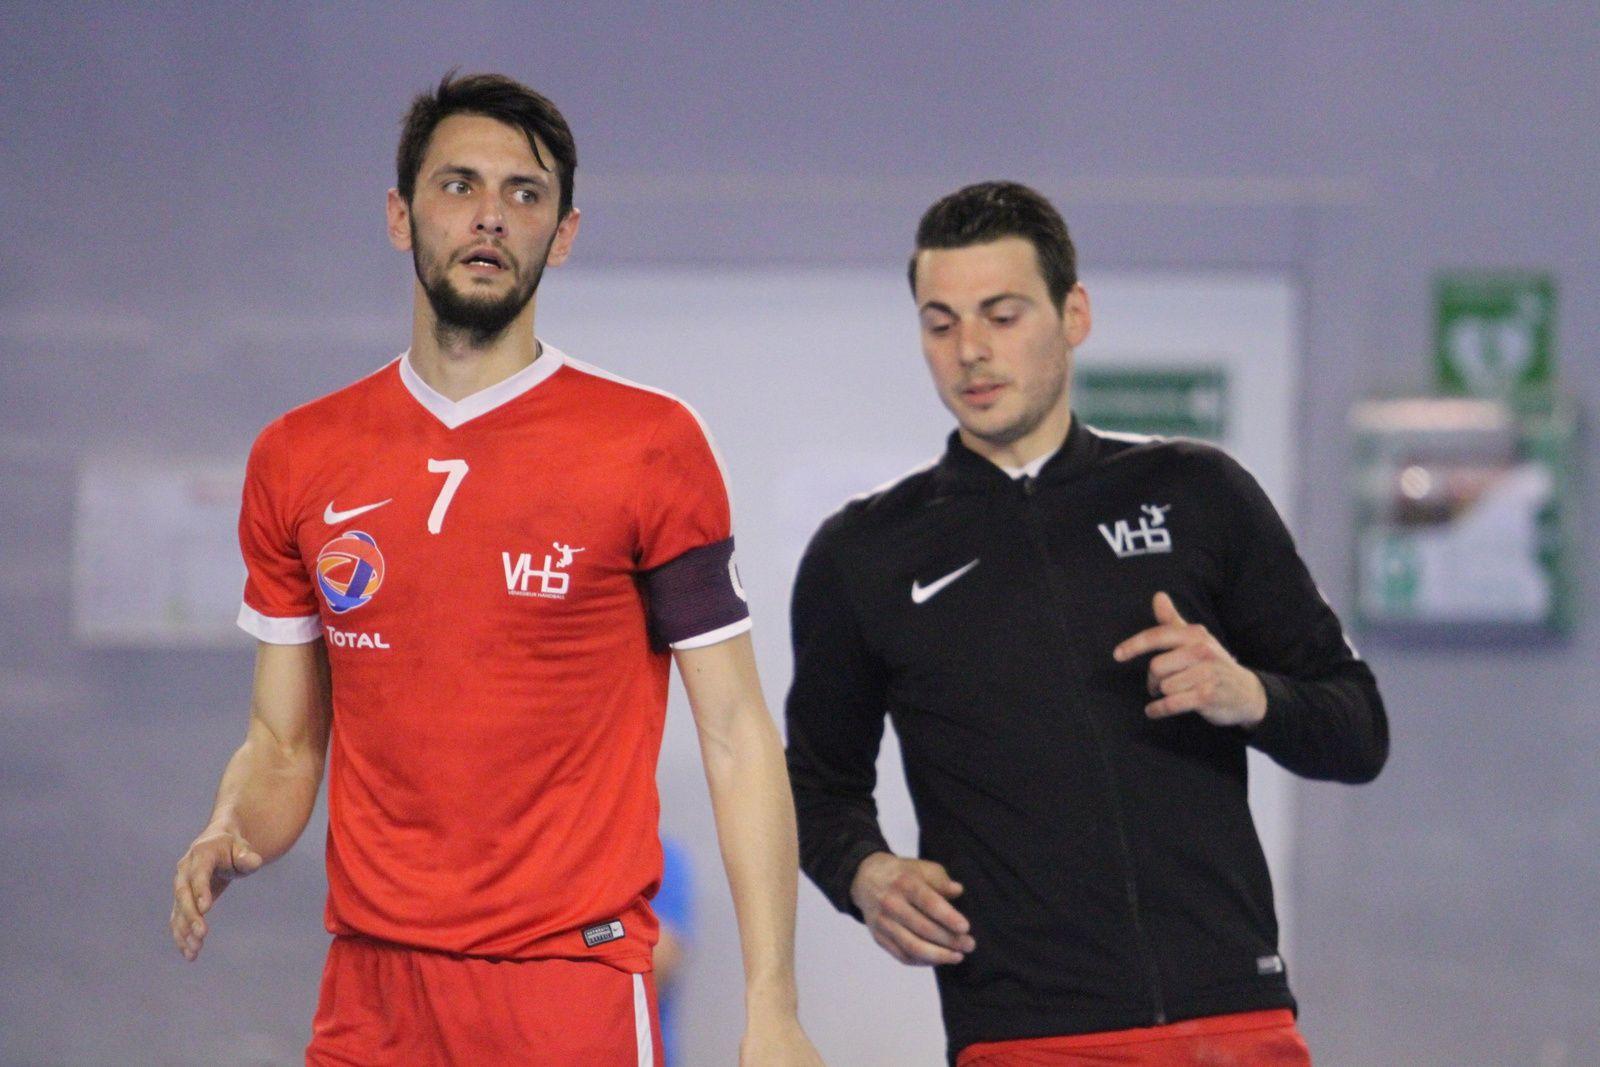 L'attaque vénissiane c'est 5 fois sur les 5 dernières rencontres à plus de 31 buts.